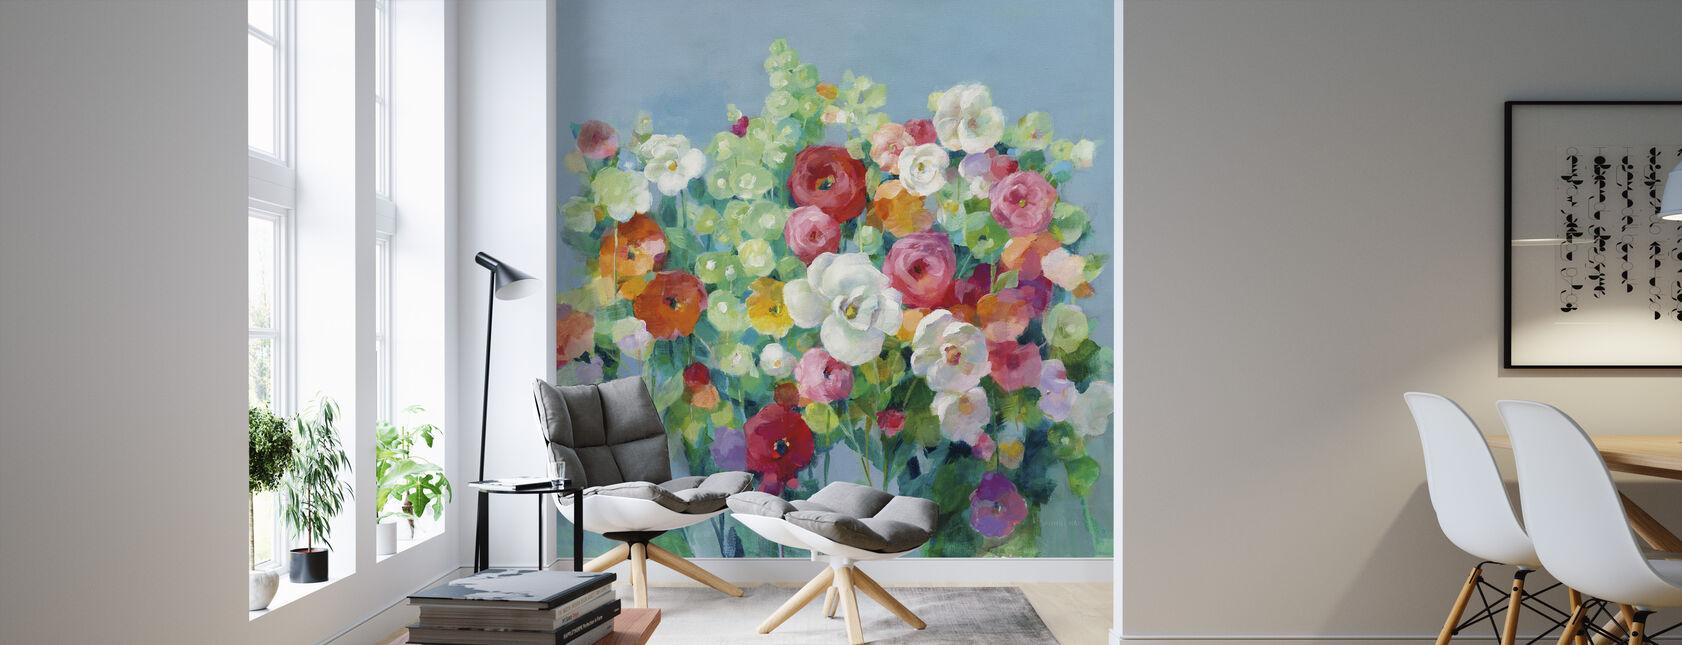 June Beauties - Wallpaper - Living Room